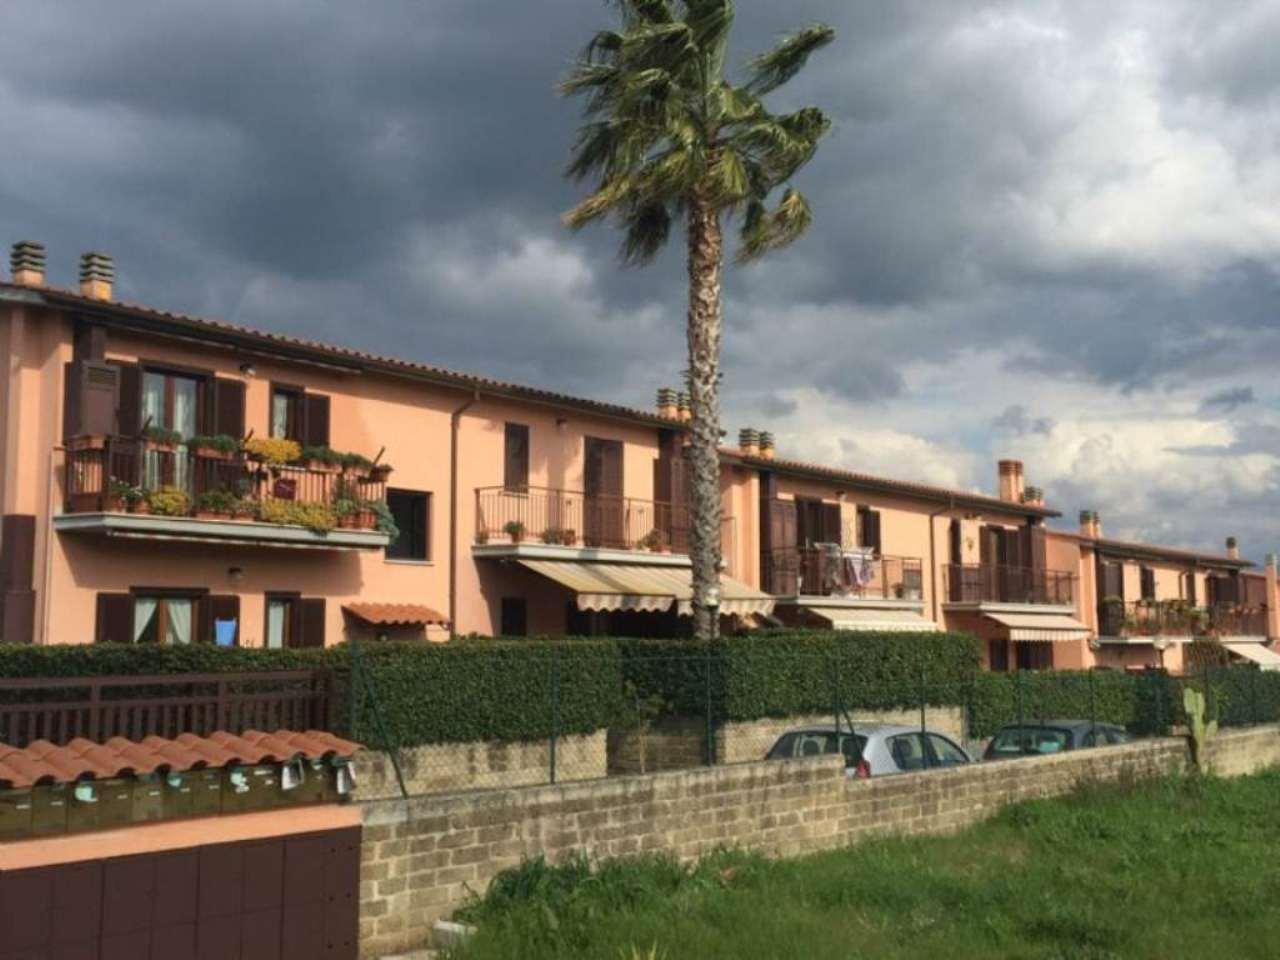 Appartamento in vendita a Fiano Romano, 4 locali, prezzo € 160.000 | Cambio Casa.it